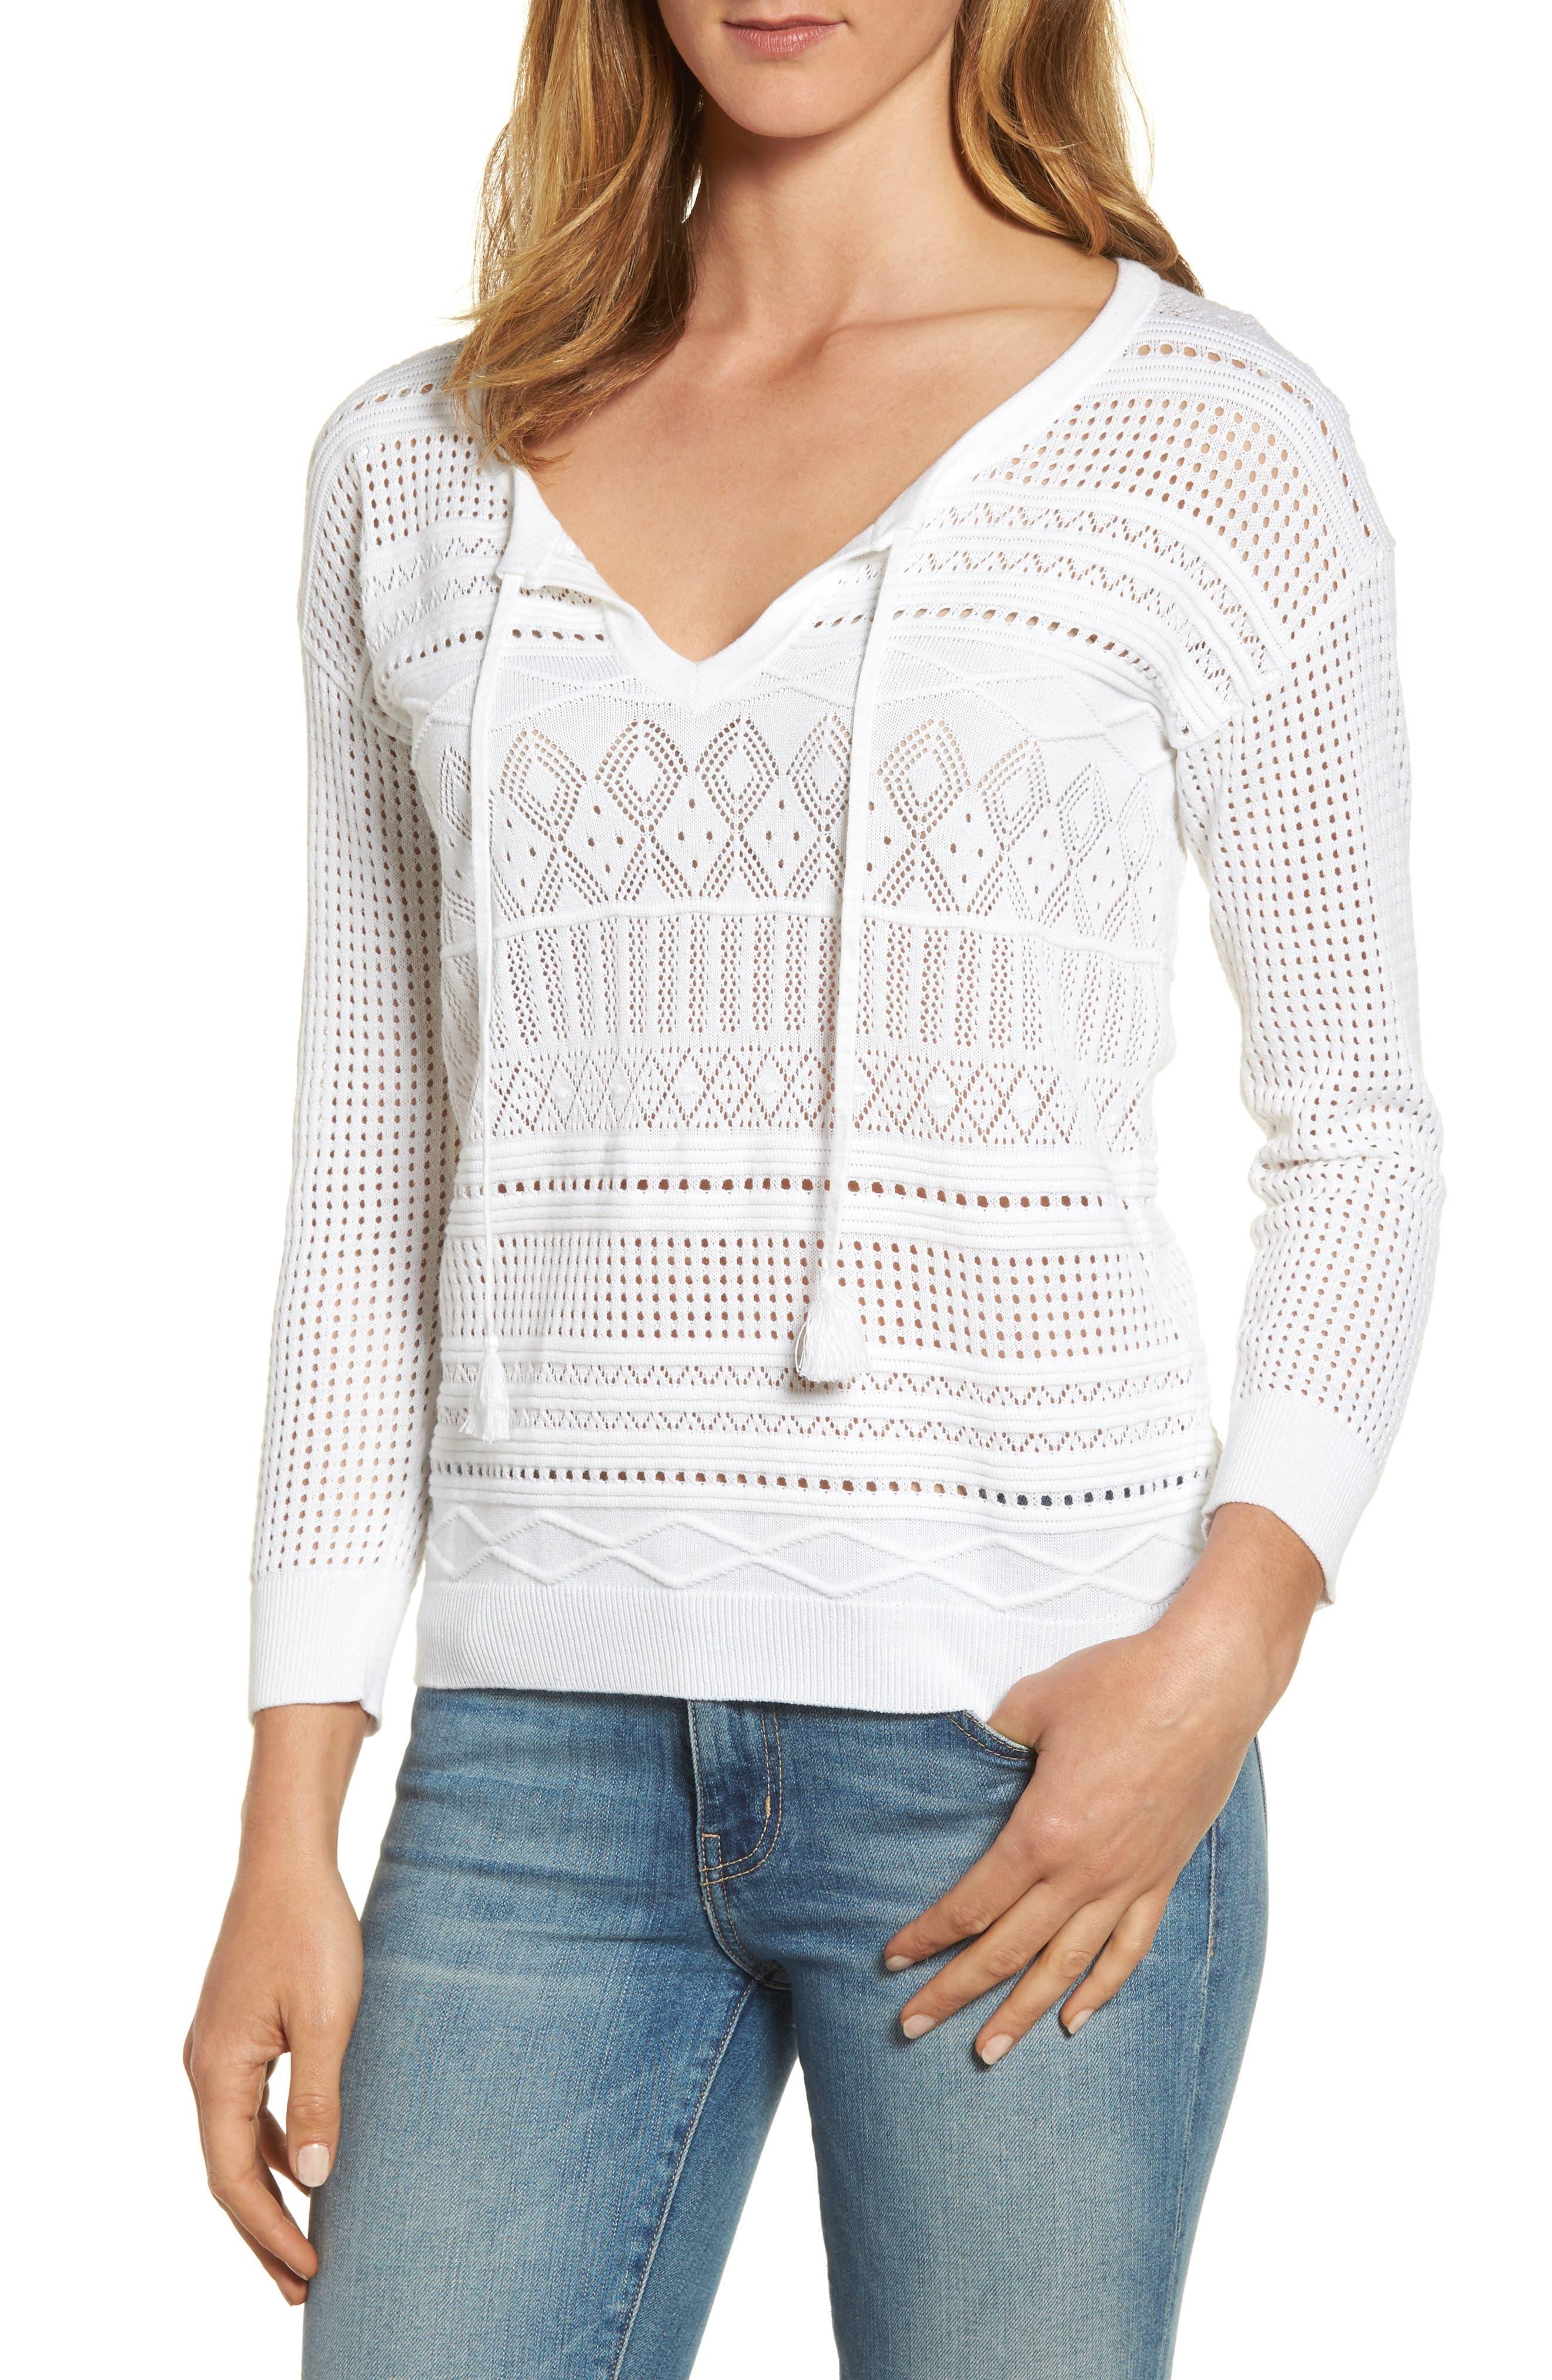 Pickford Pointelle Split Neck Sweater,                             Main thumbnail 1, color,                             White